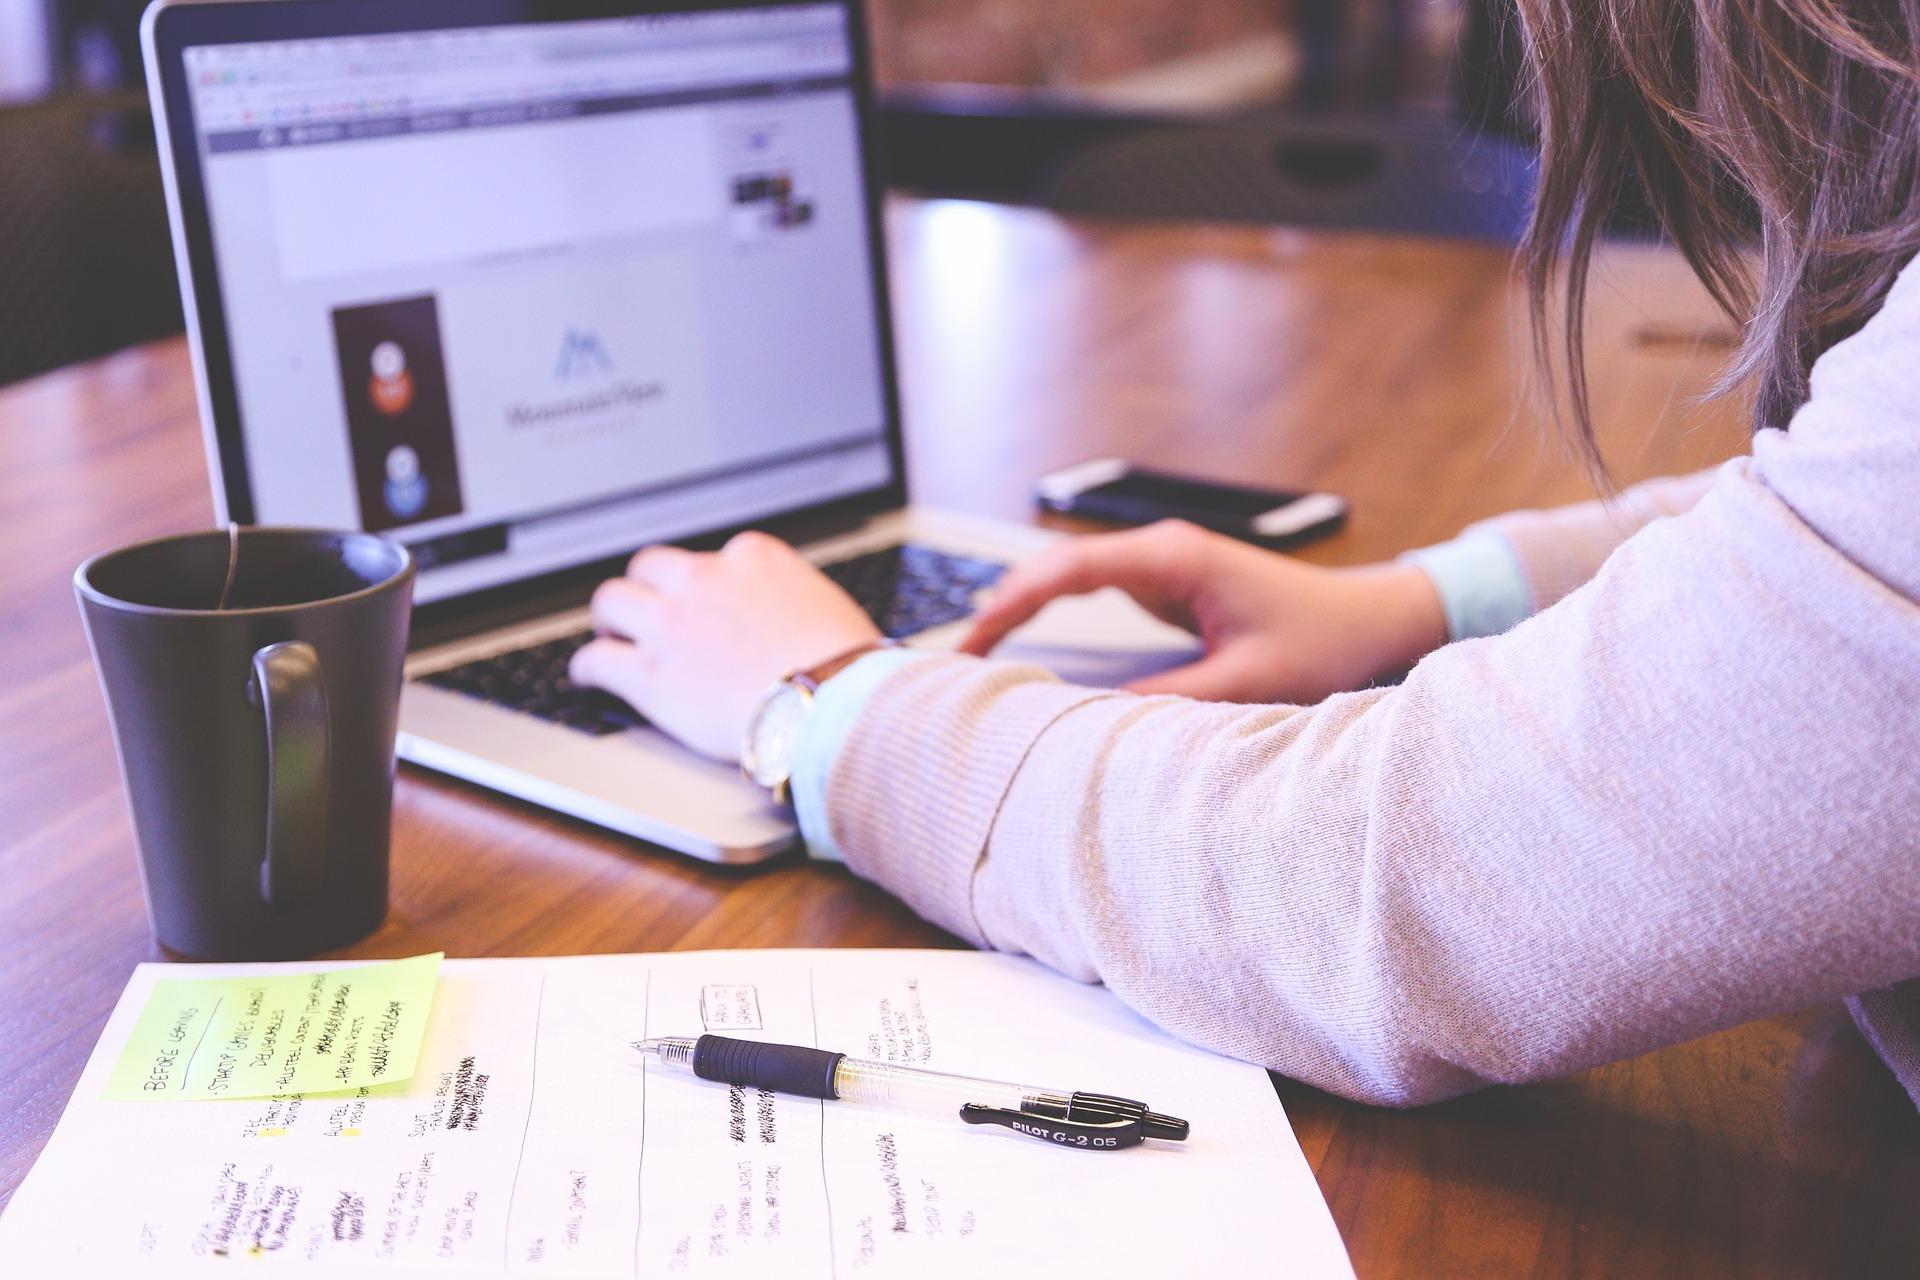 MPSV připravuje nový webový portál. Podání žádostí bude možné vyřídit z pohodlí domova!